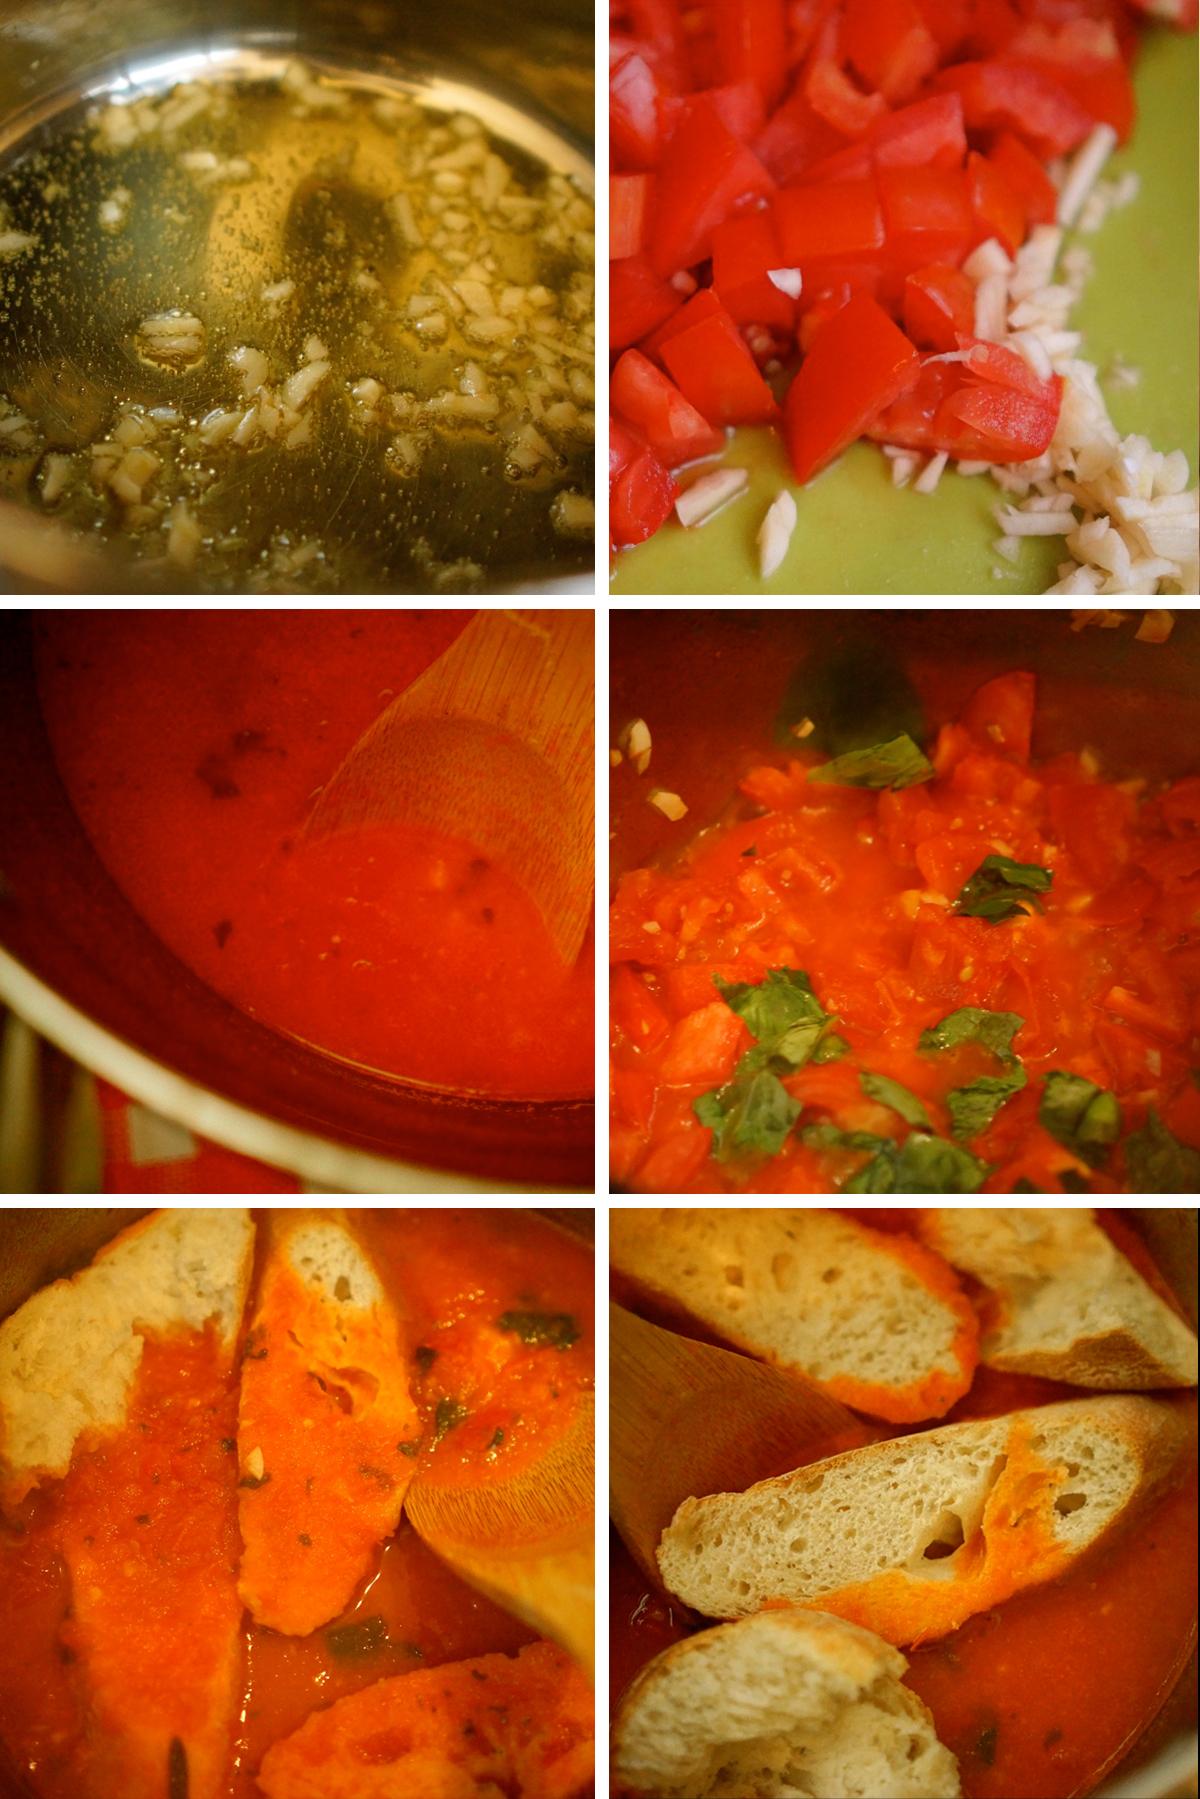 מרק עגבניות ולחם טוסקני, גבישס -בלוג האוכל של מירב גביש